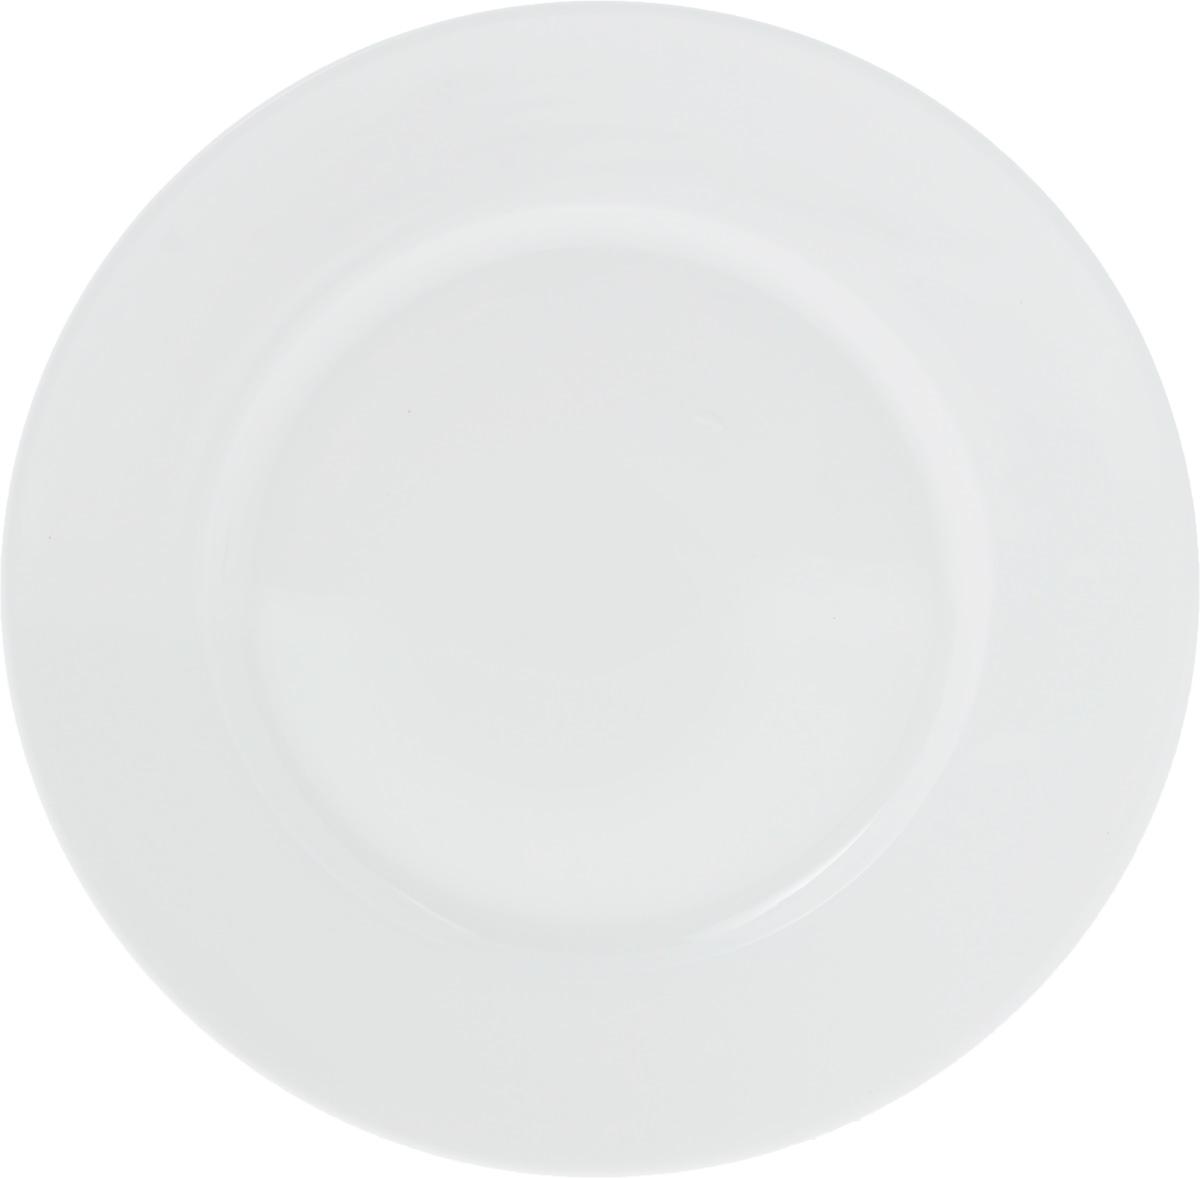 Тарелка Wilmax, диаметр 18 см. WL-991005 / AVT-1520(SR)Тарелка Wilmax, выполненная из высококачественного фарфора, имеет классическую круглую форму. Изделие идеально подойдет для сервировки стола и станет отличным подарком к любому празднику.